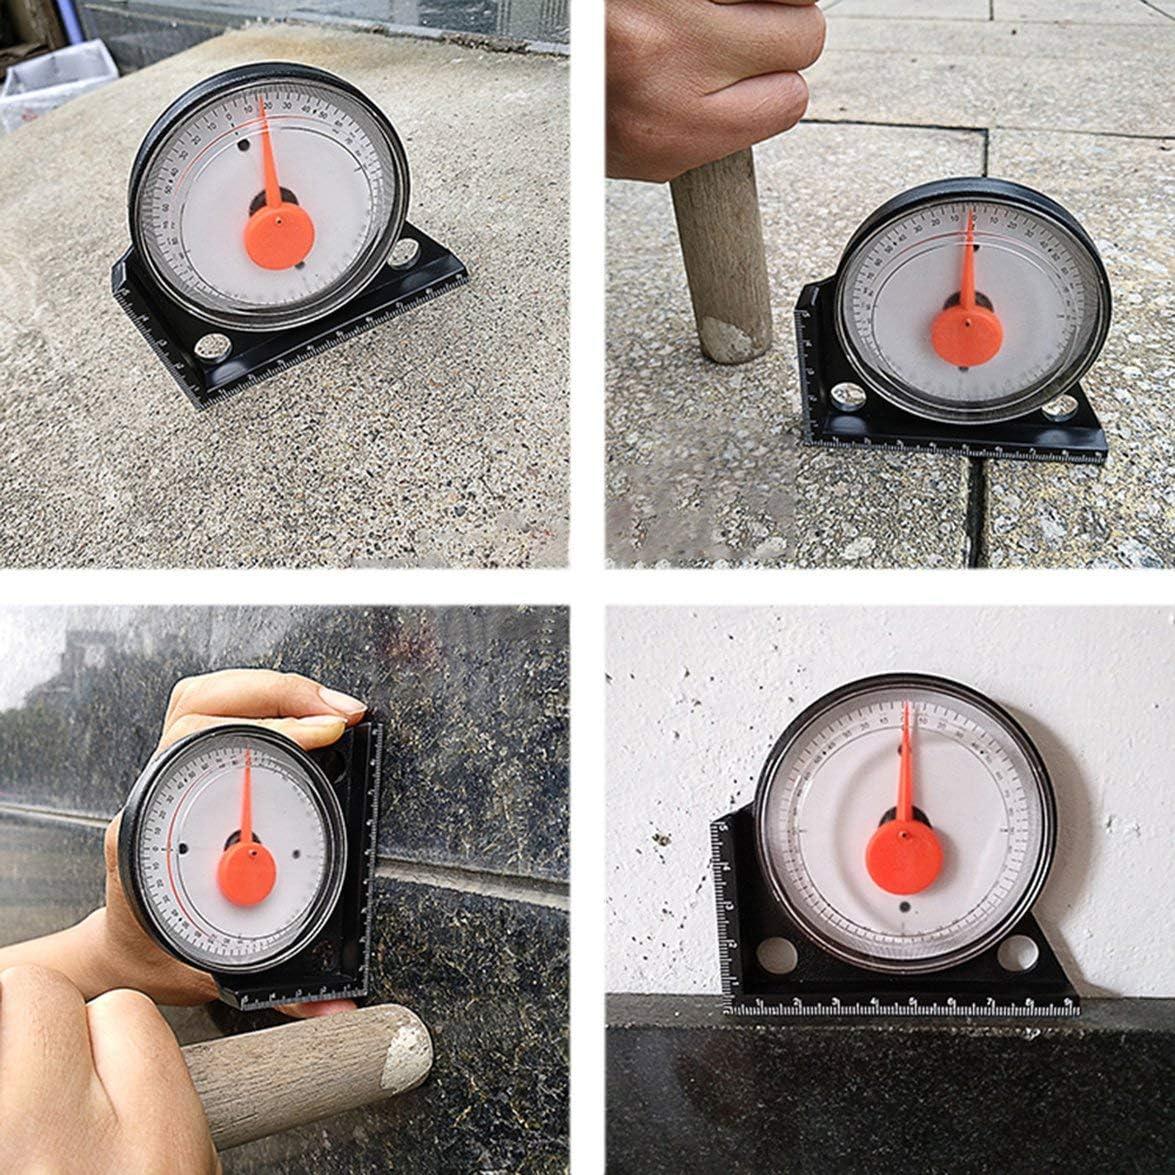 Sylvialuca Slope Measuring Instrument High Precision Tilt Level Meter Angle Finder Clinometer Gauge With Magnetic Base